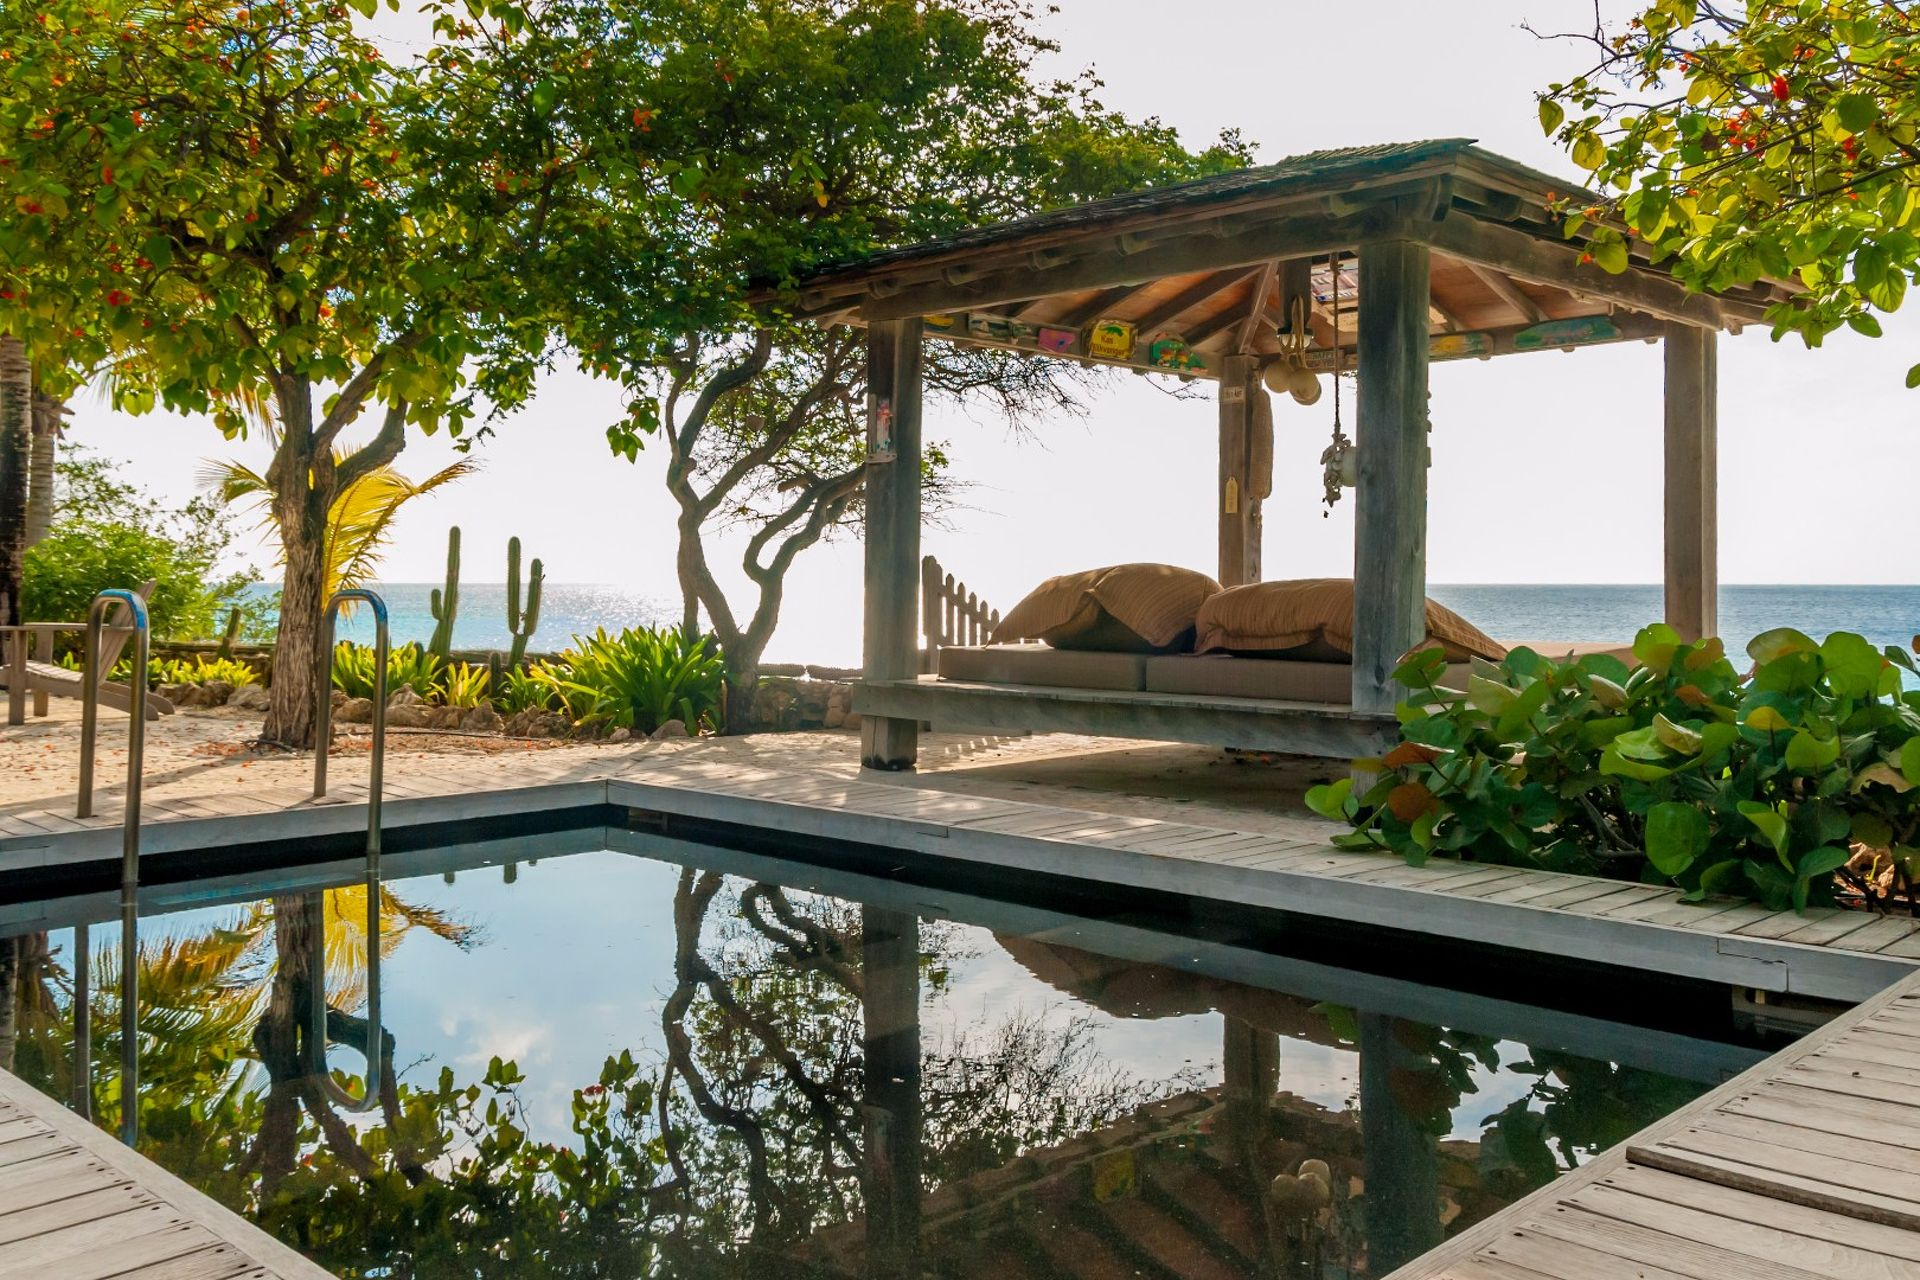 Te koop villa onder architectuur piet boon, aan zee, eigen mooring